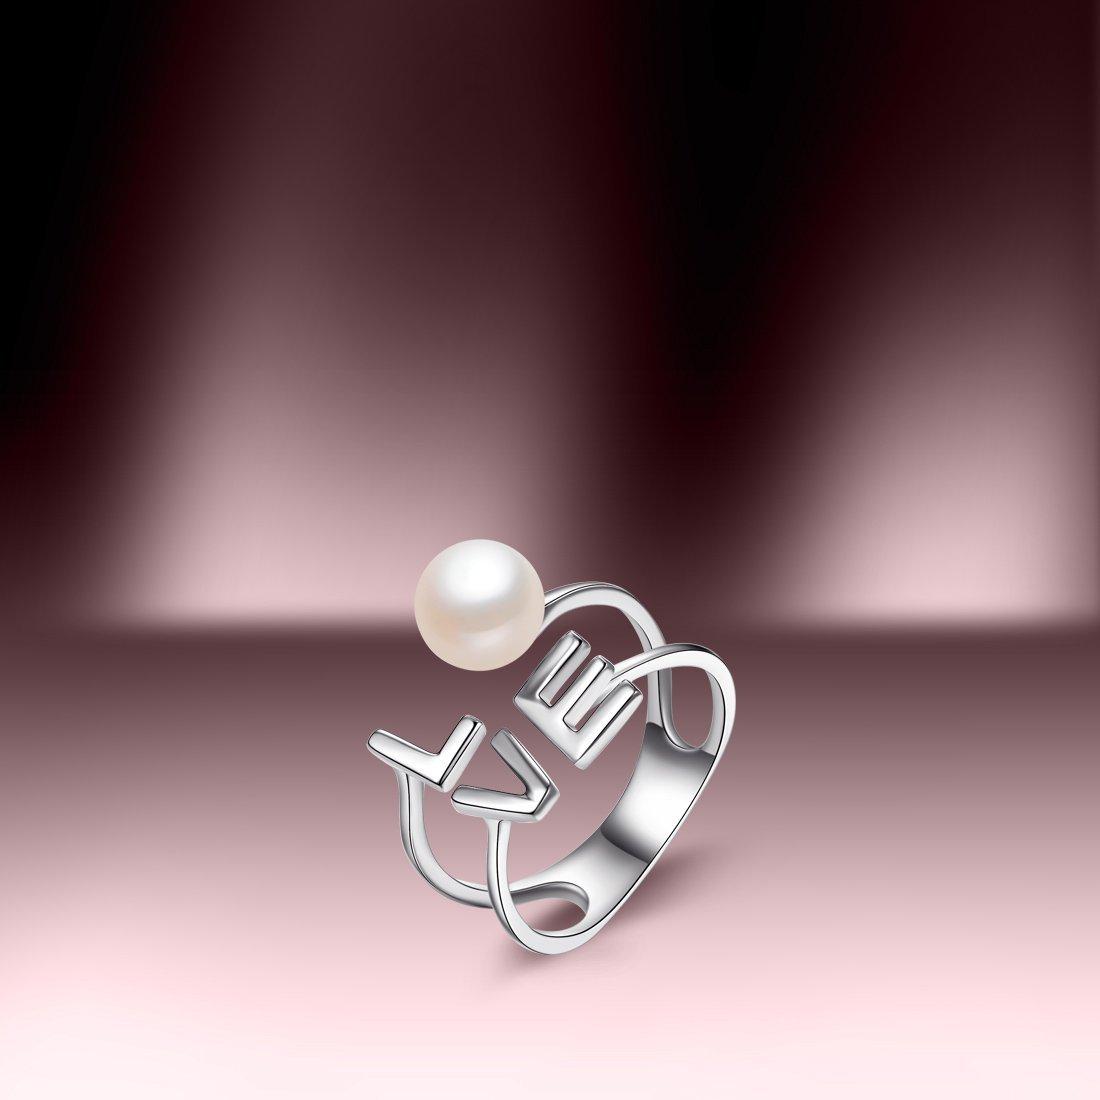 北海珍珠批发 北海淡水珍珠戒指S925银镶淡水珍珠开口戒指